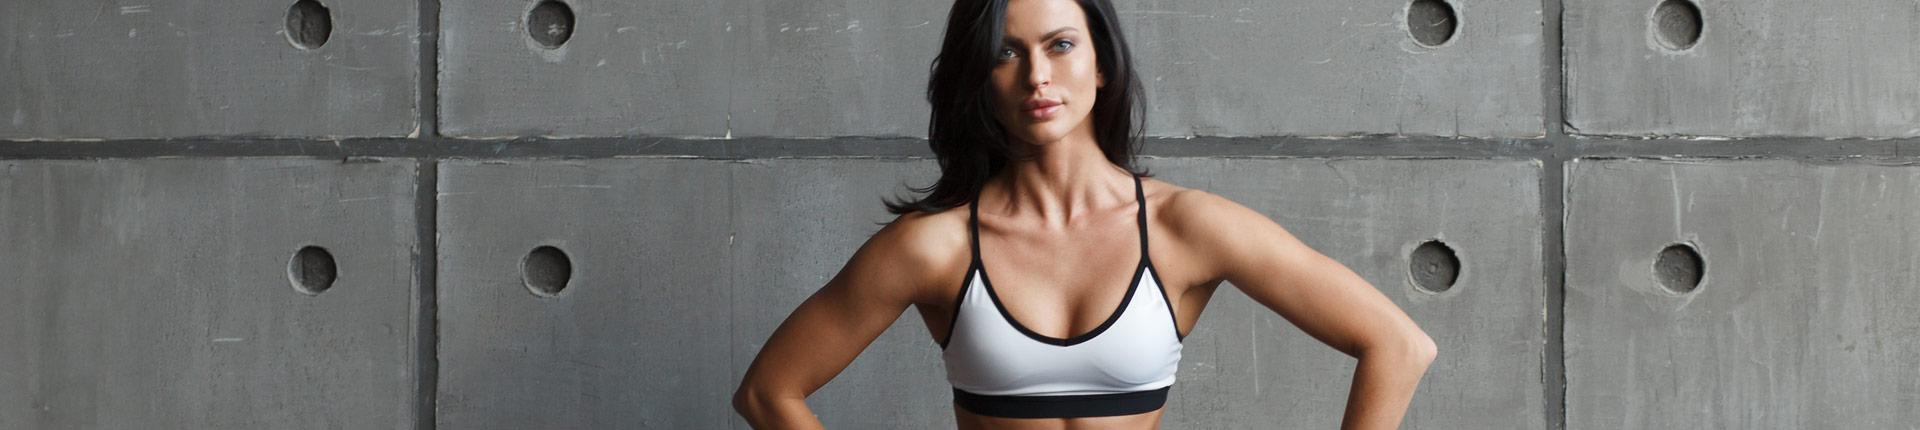 Czy muszę ćwiczyć na siłowni żeby schudnąć? Jak przyspieszyć odchudzanie?